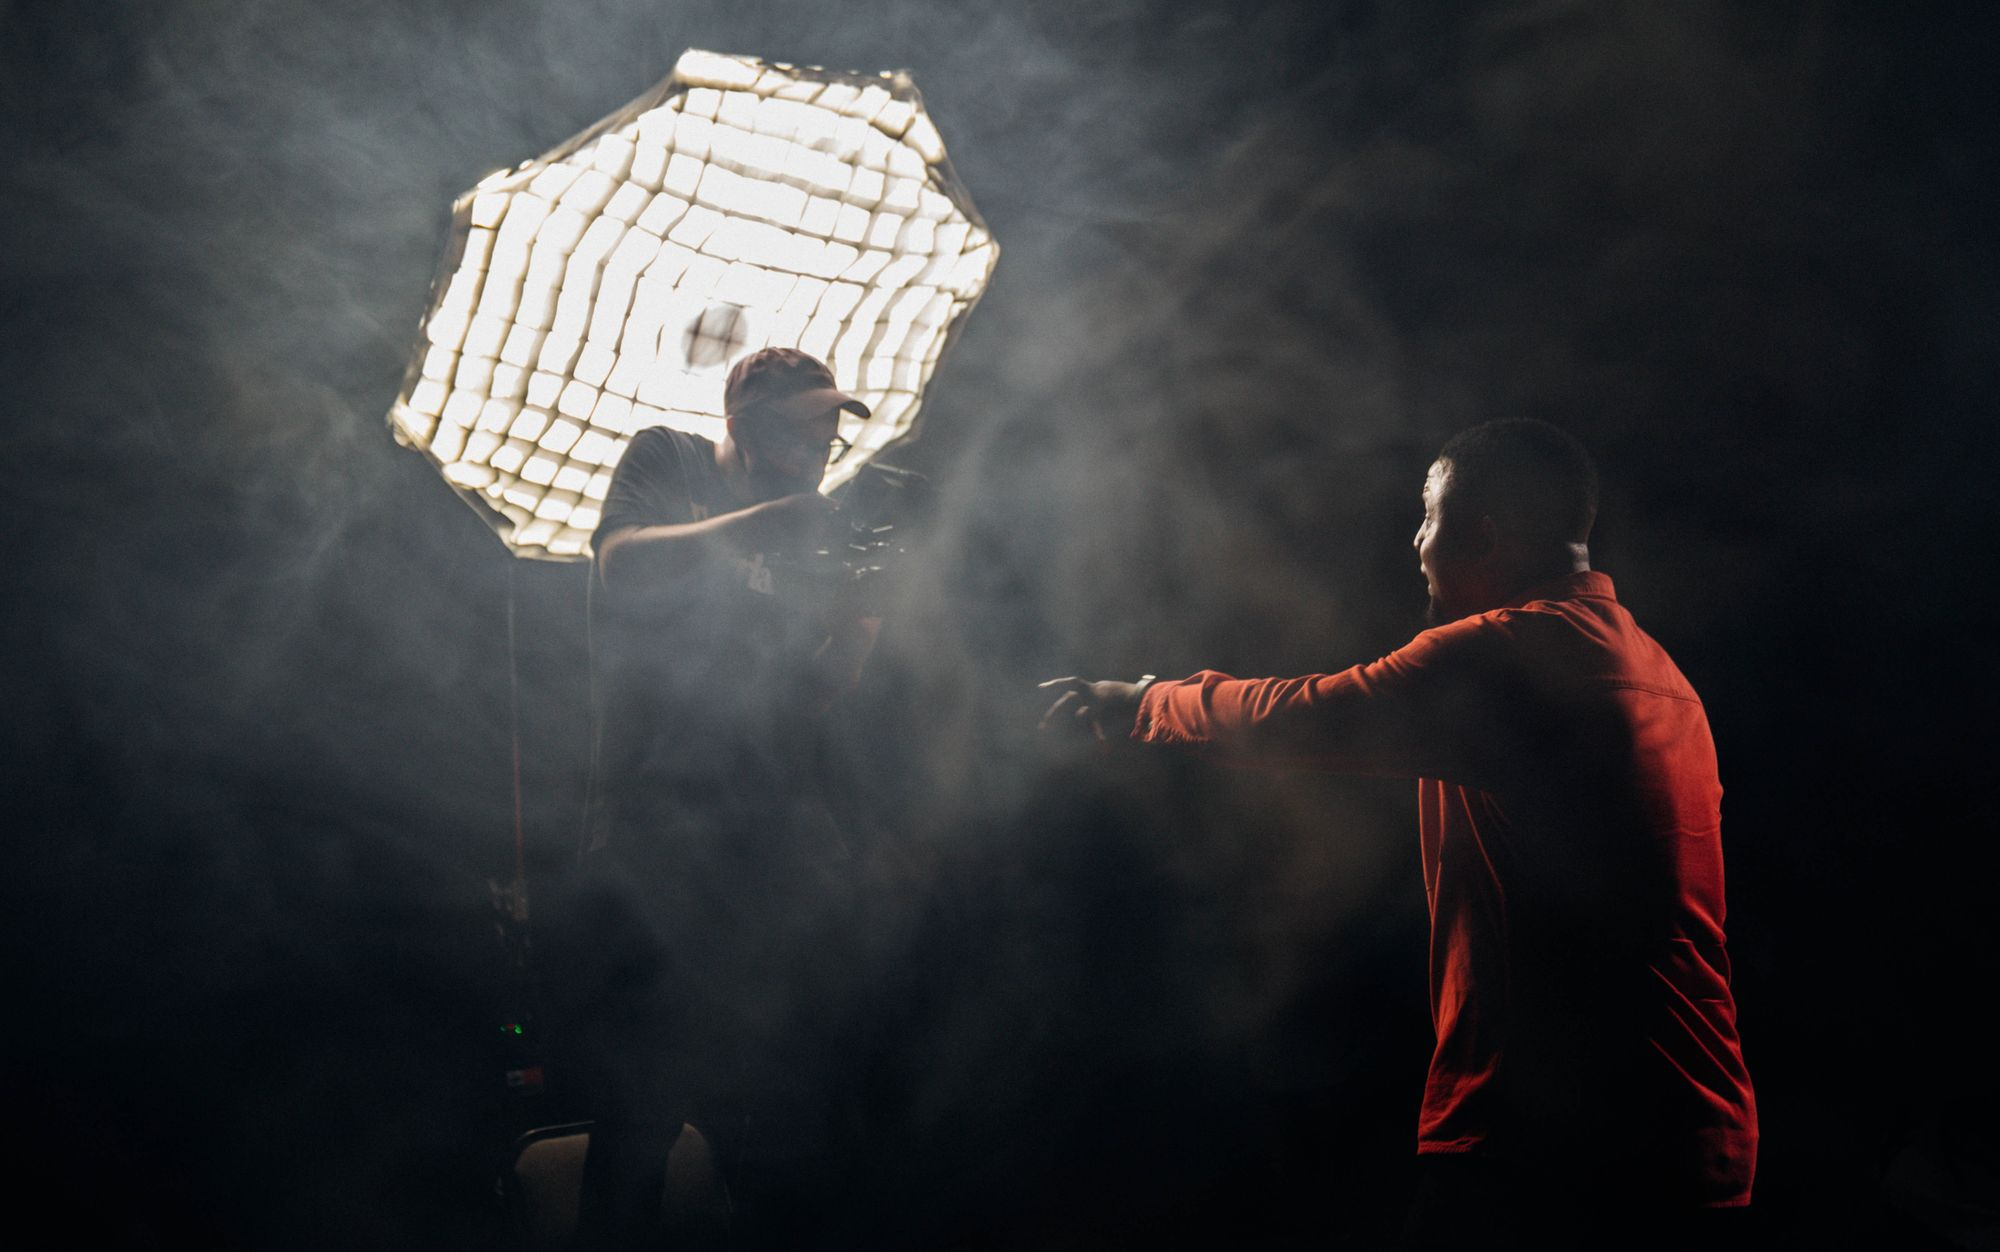 Lighting for music video